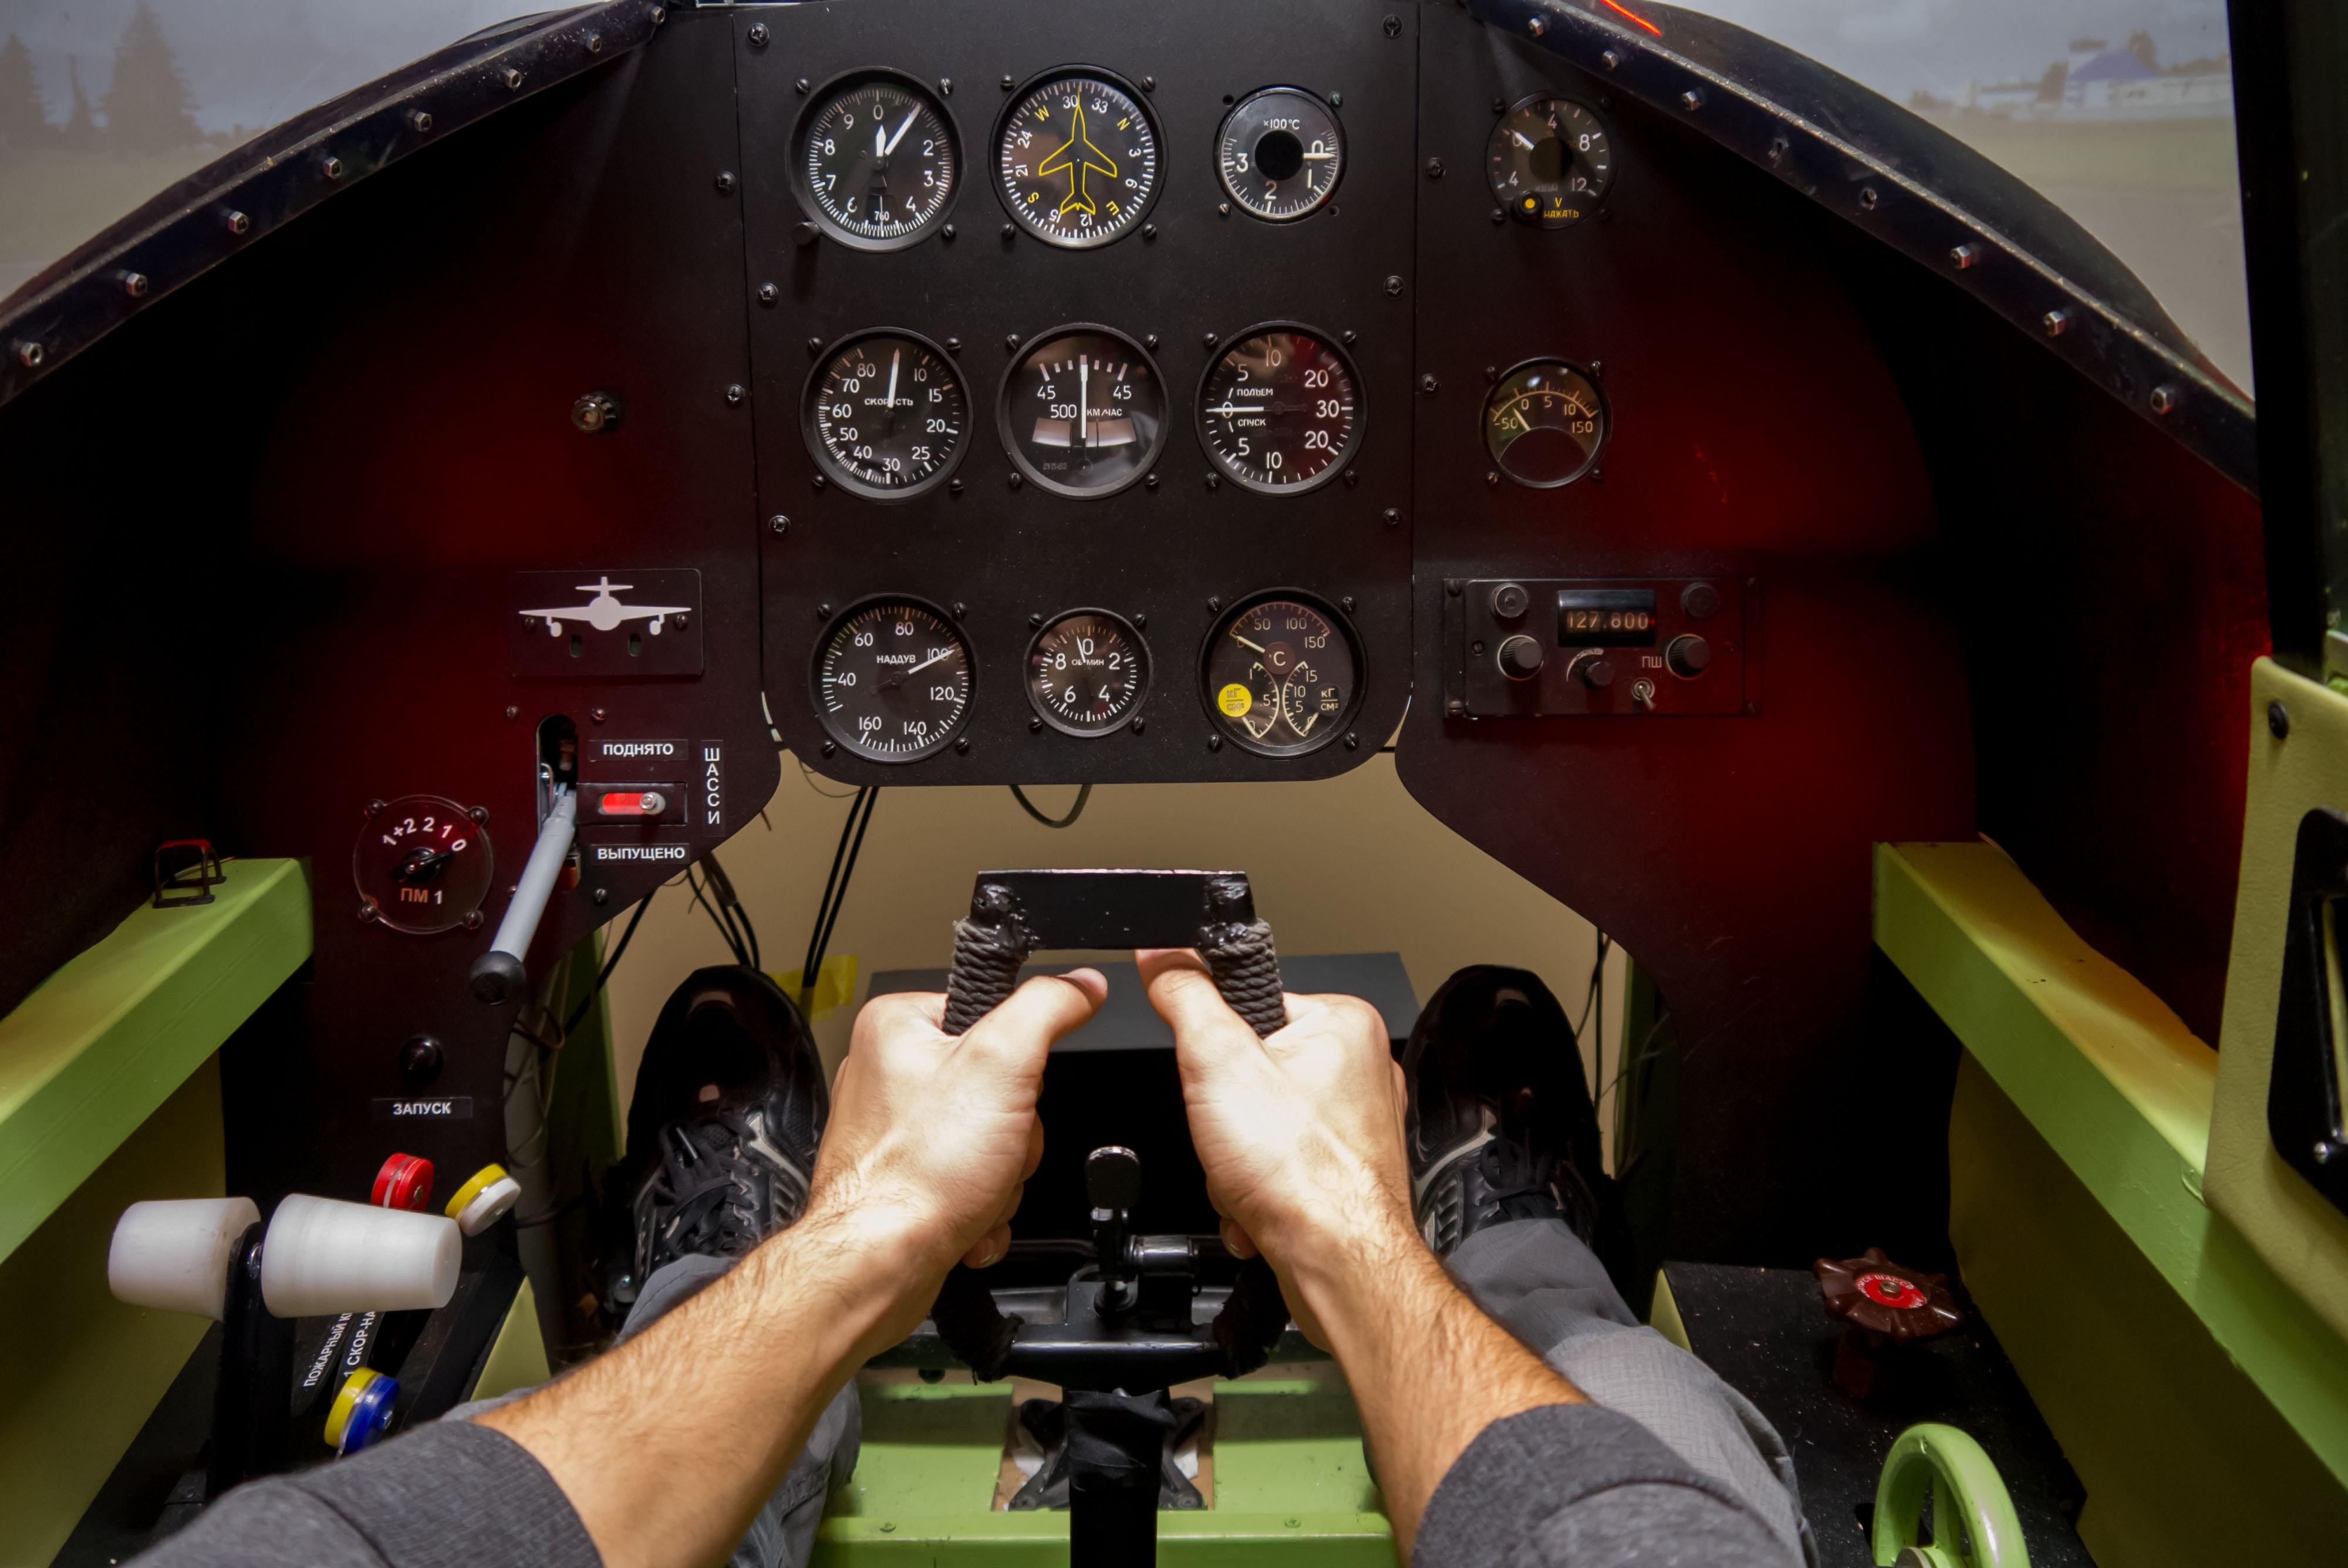 Приладова дошка авіасимулятора літака Як-9